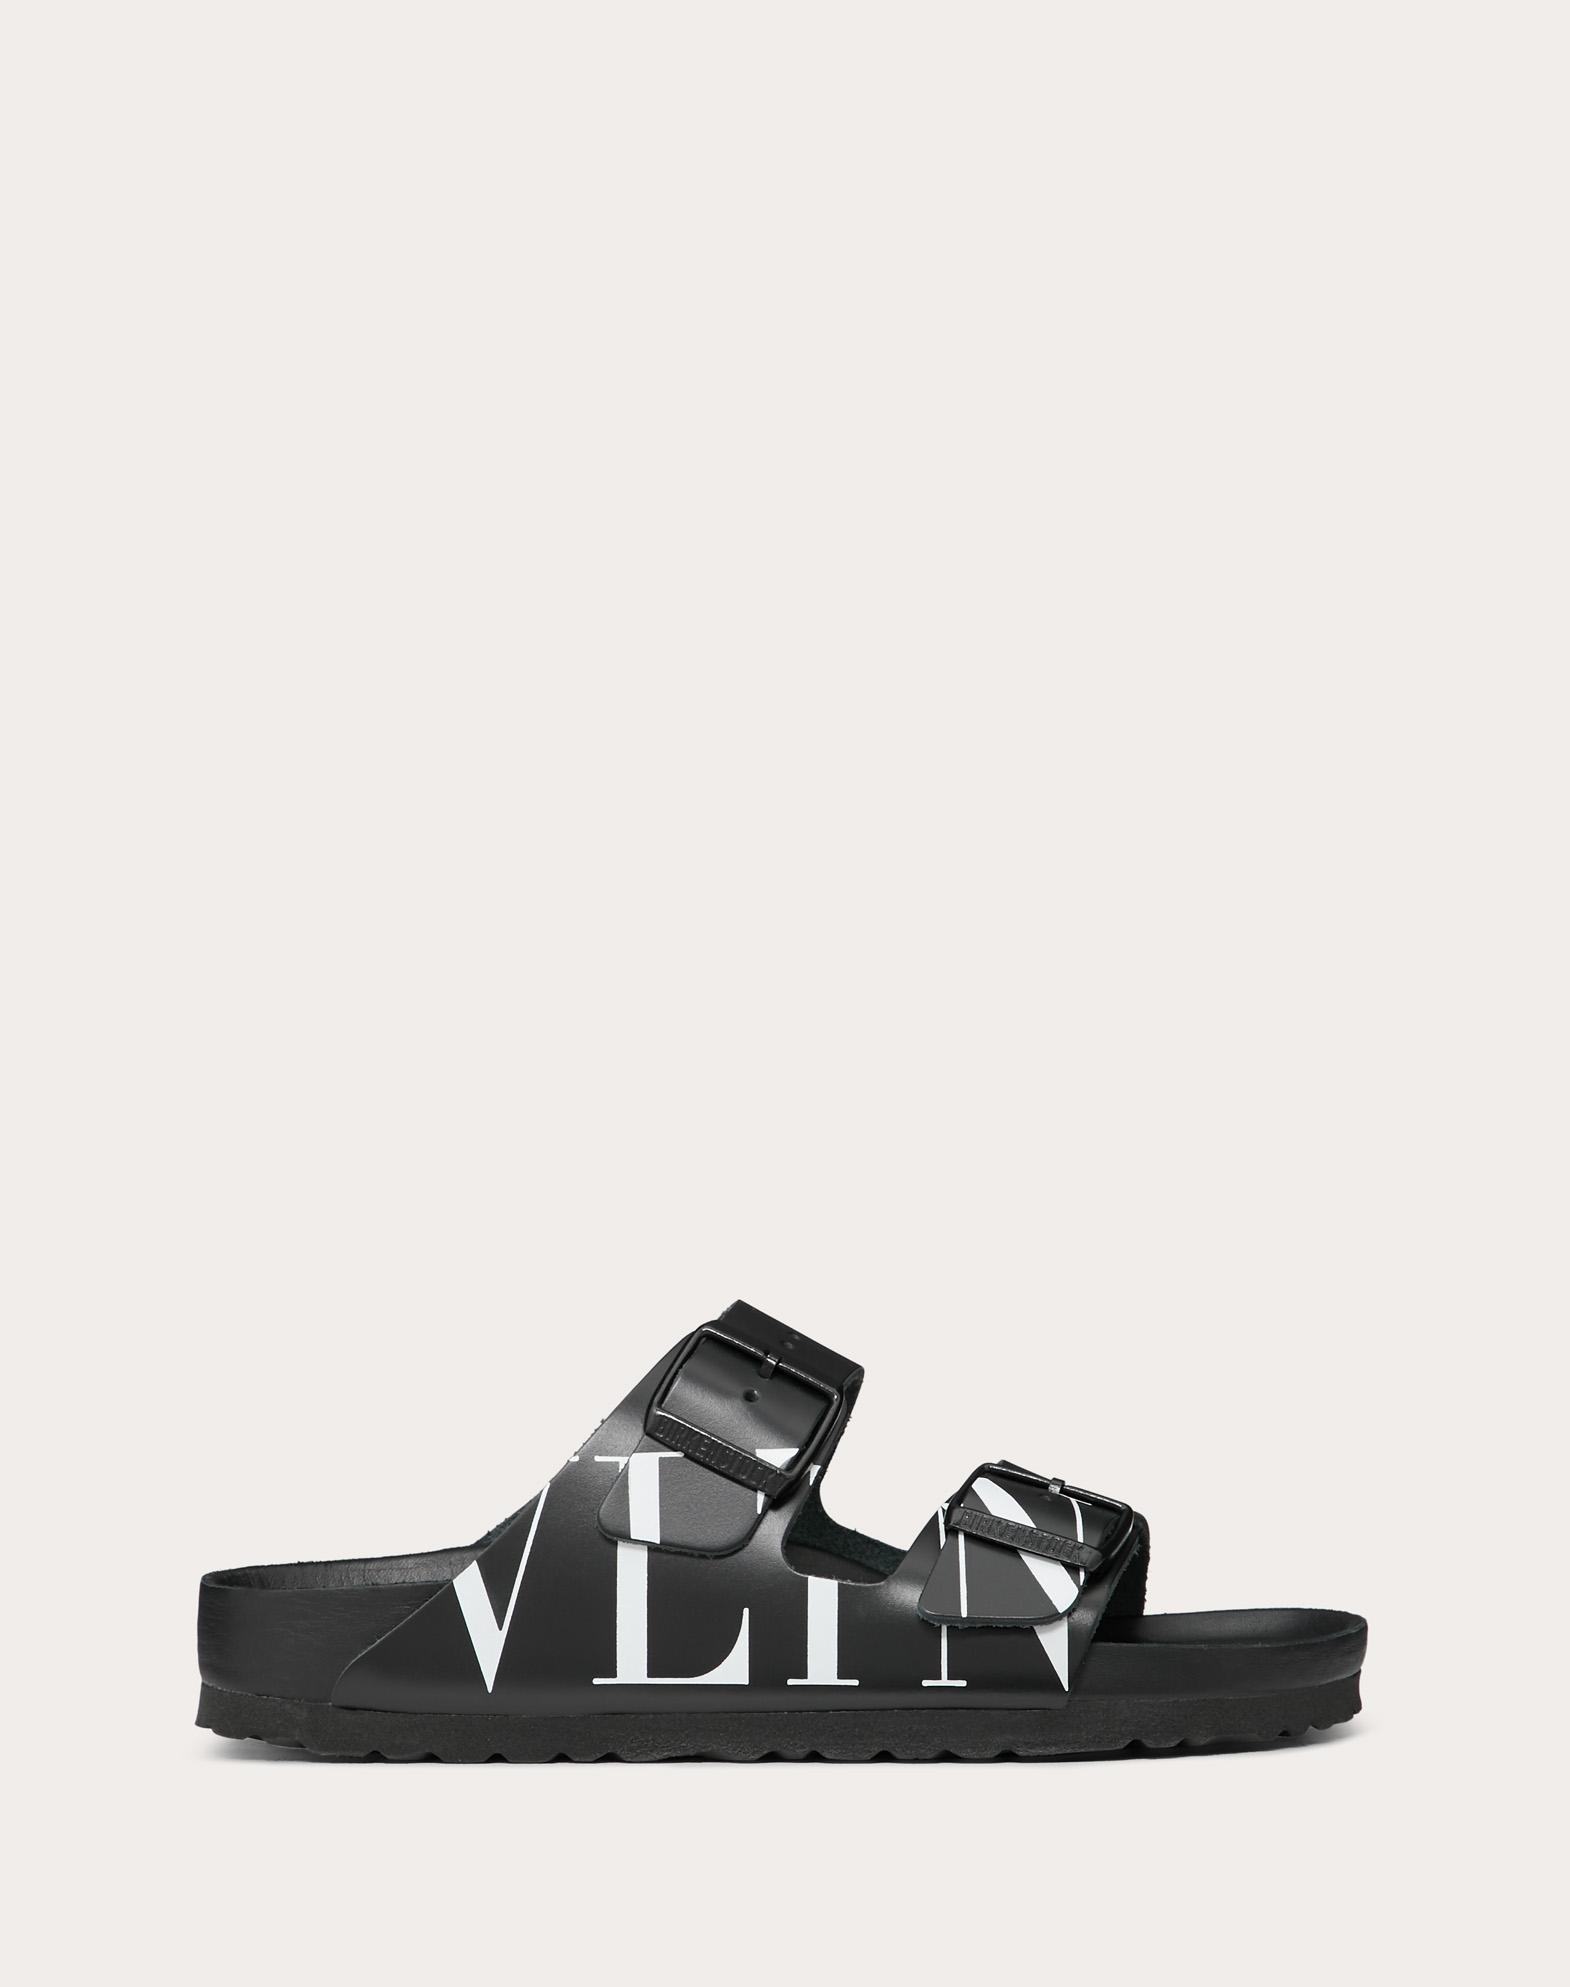 VLTN slide sandal in collaboration with Birkenstock